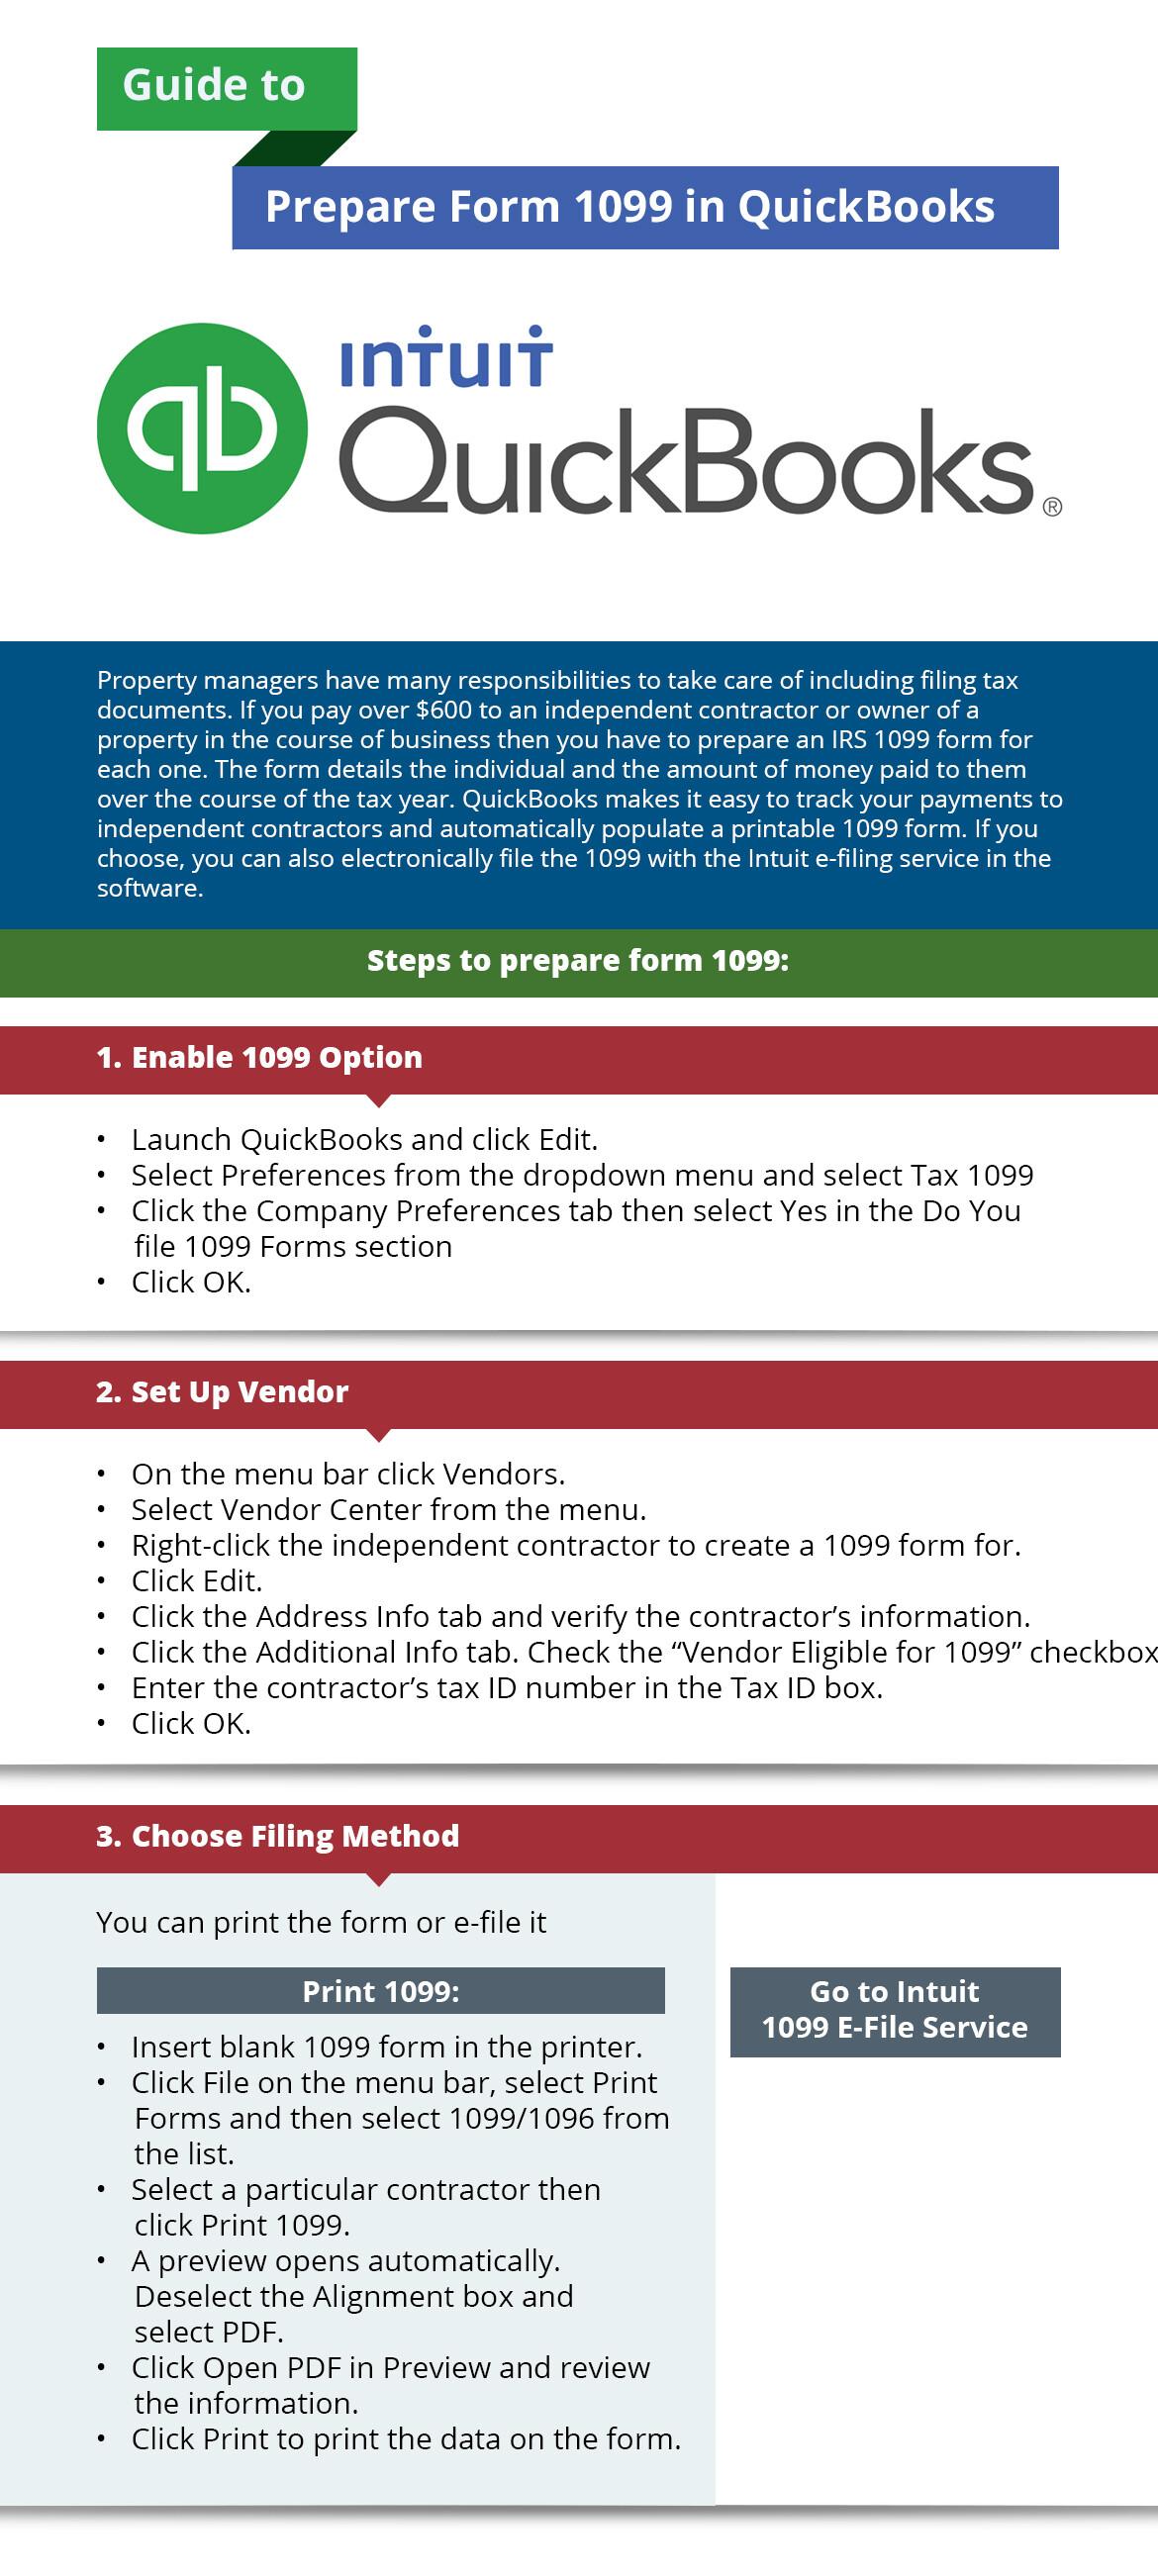 Smartfin services guide to prepare form 1099 in quickbooks falaconquin